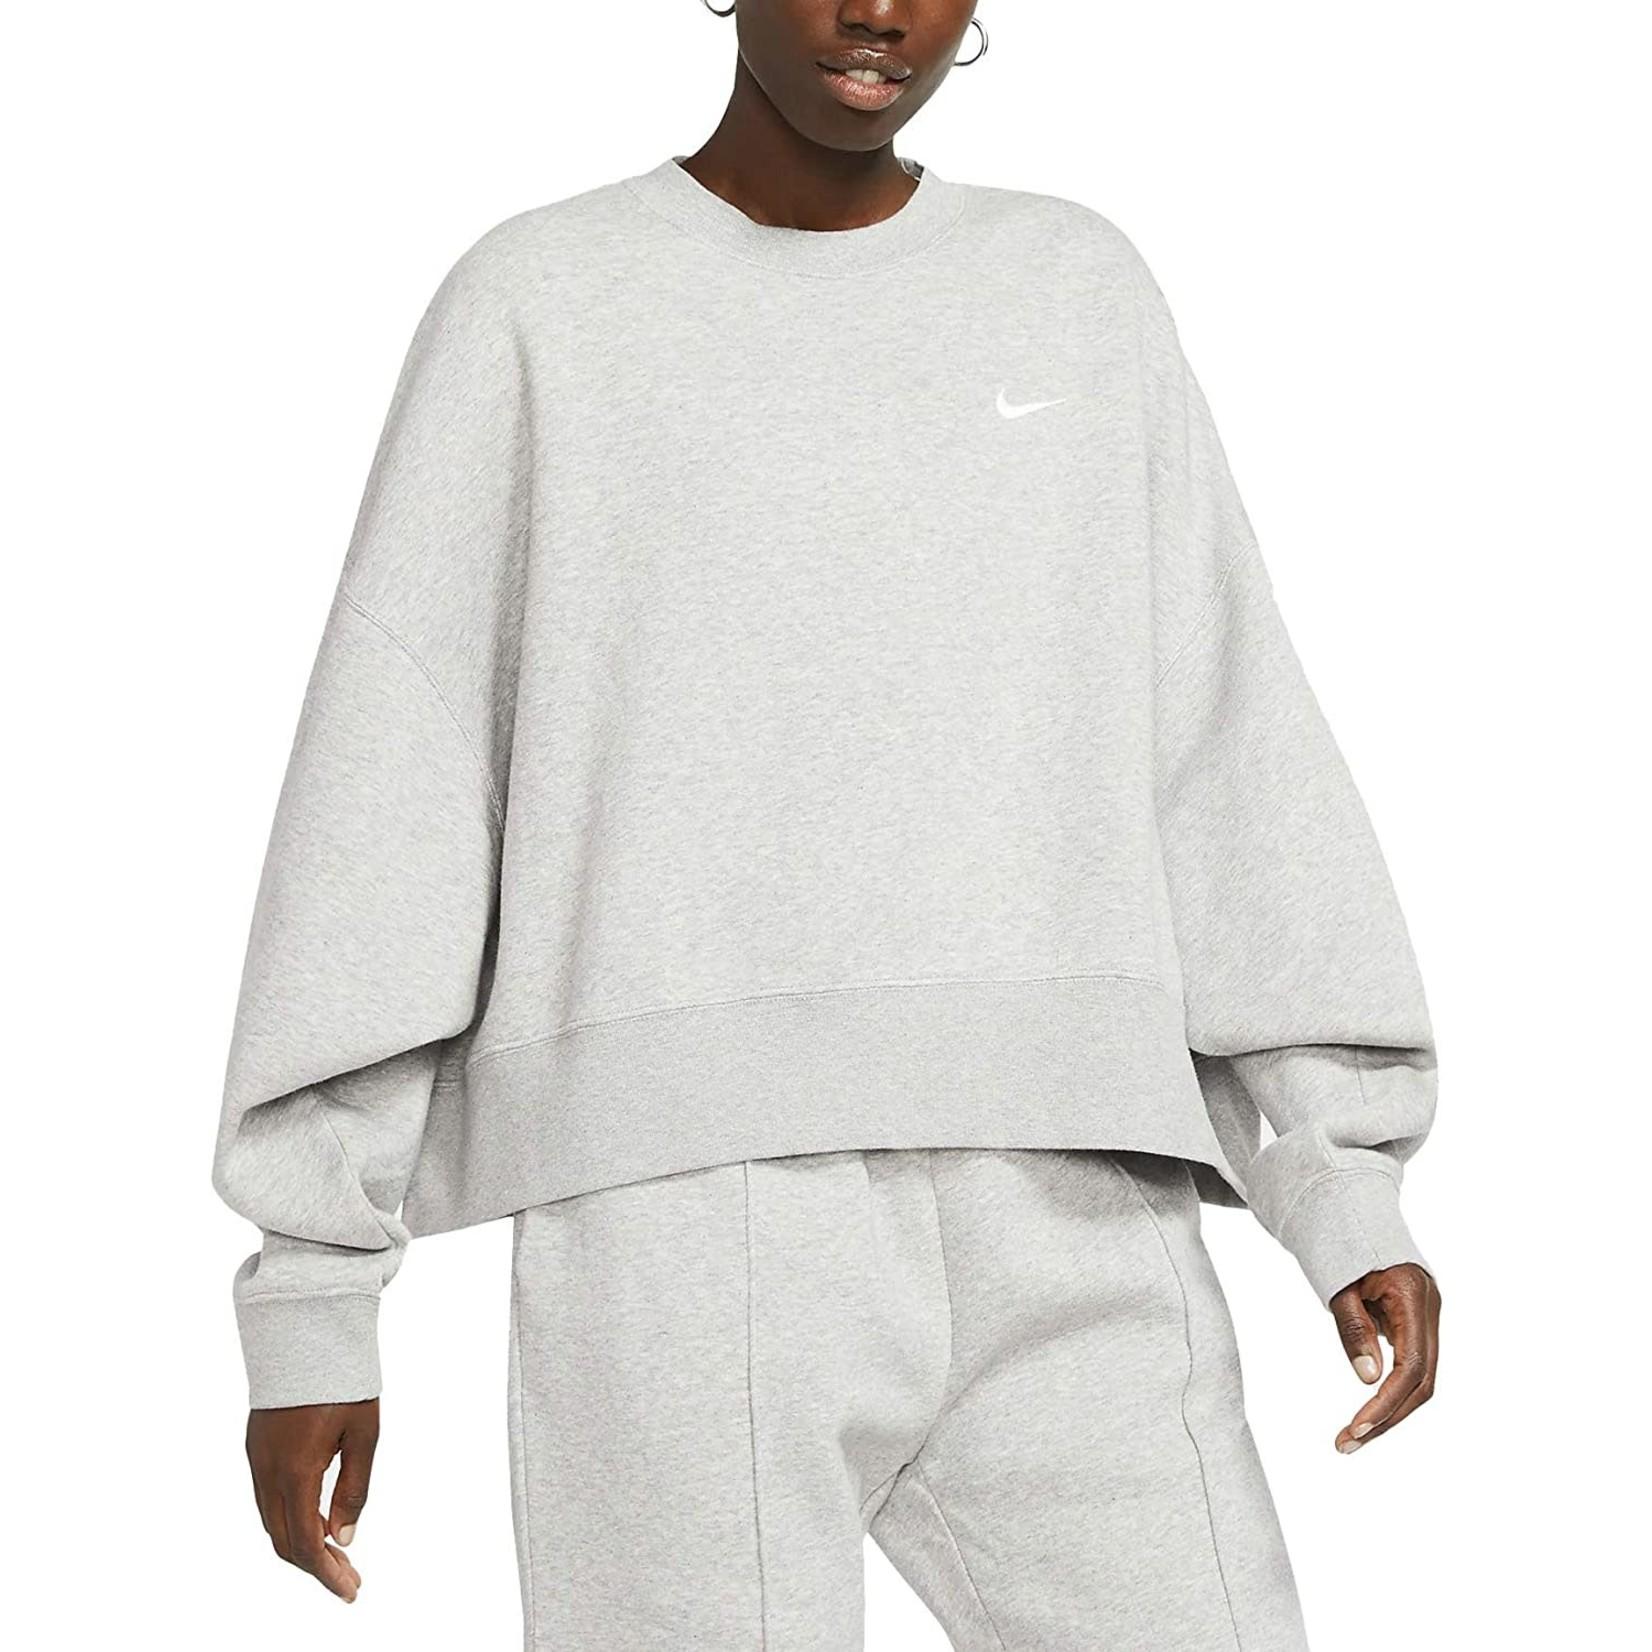 Nike Nike Sweater, Sportswear Crew Fleece Trend, Ladies